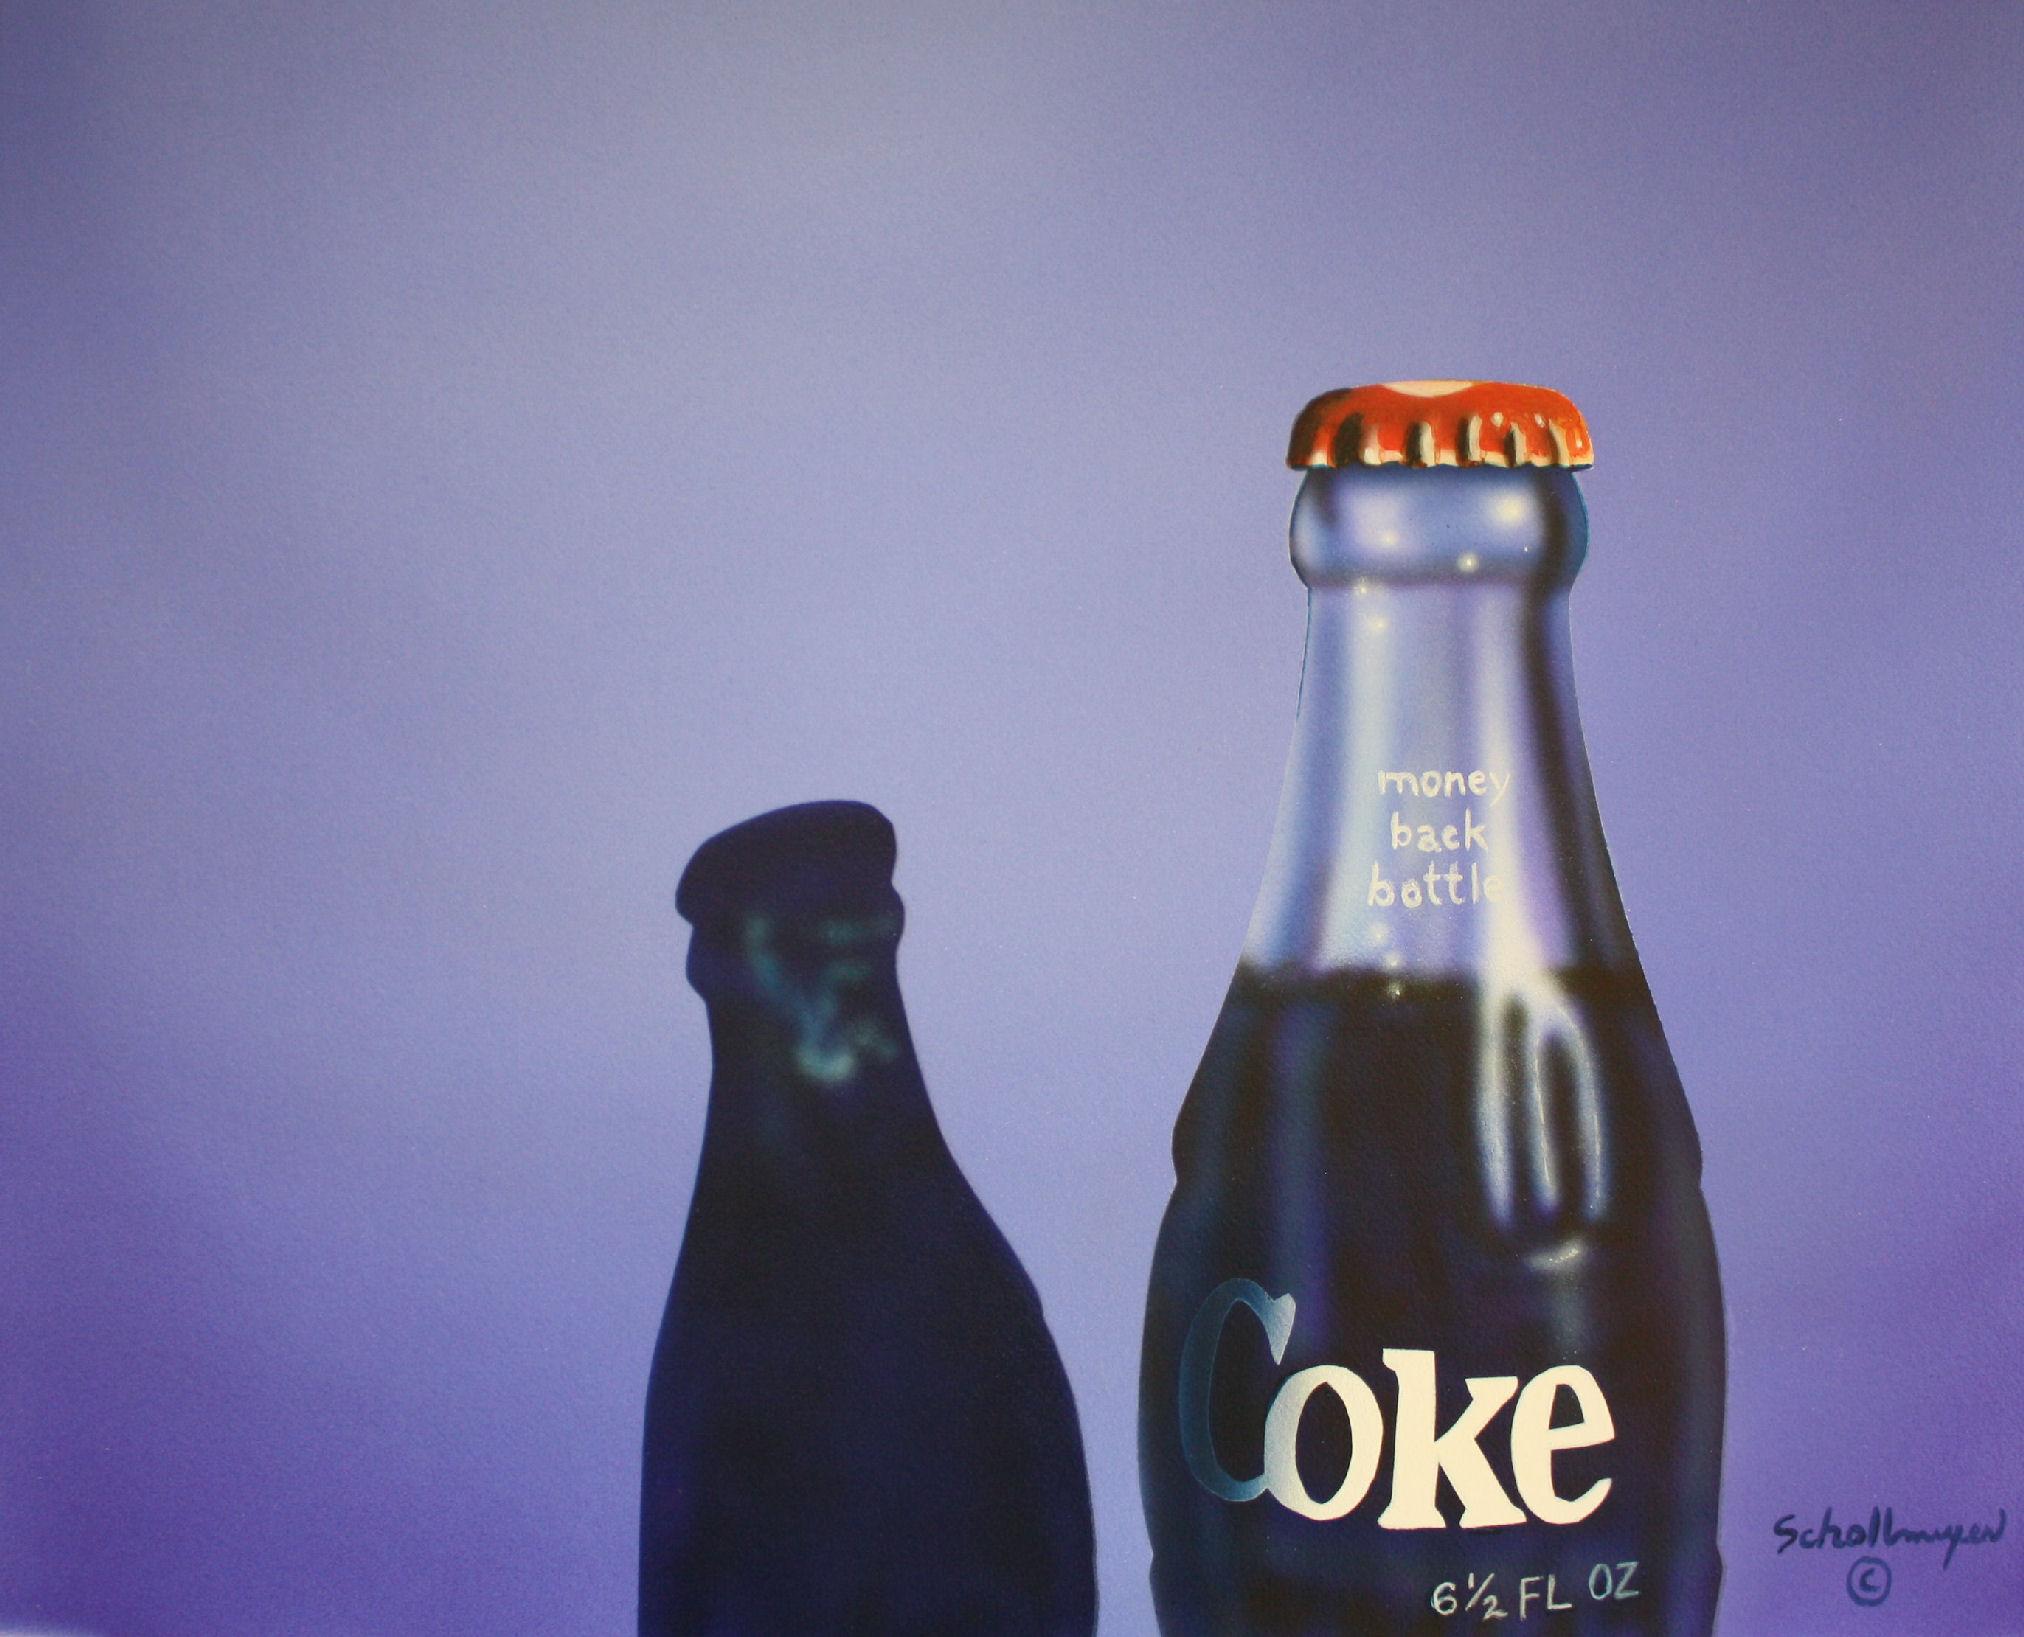 Coke Bottle and Shadow